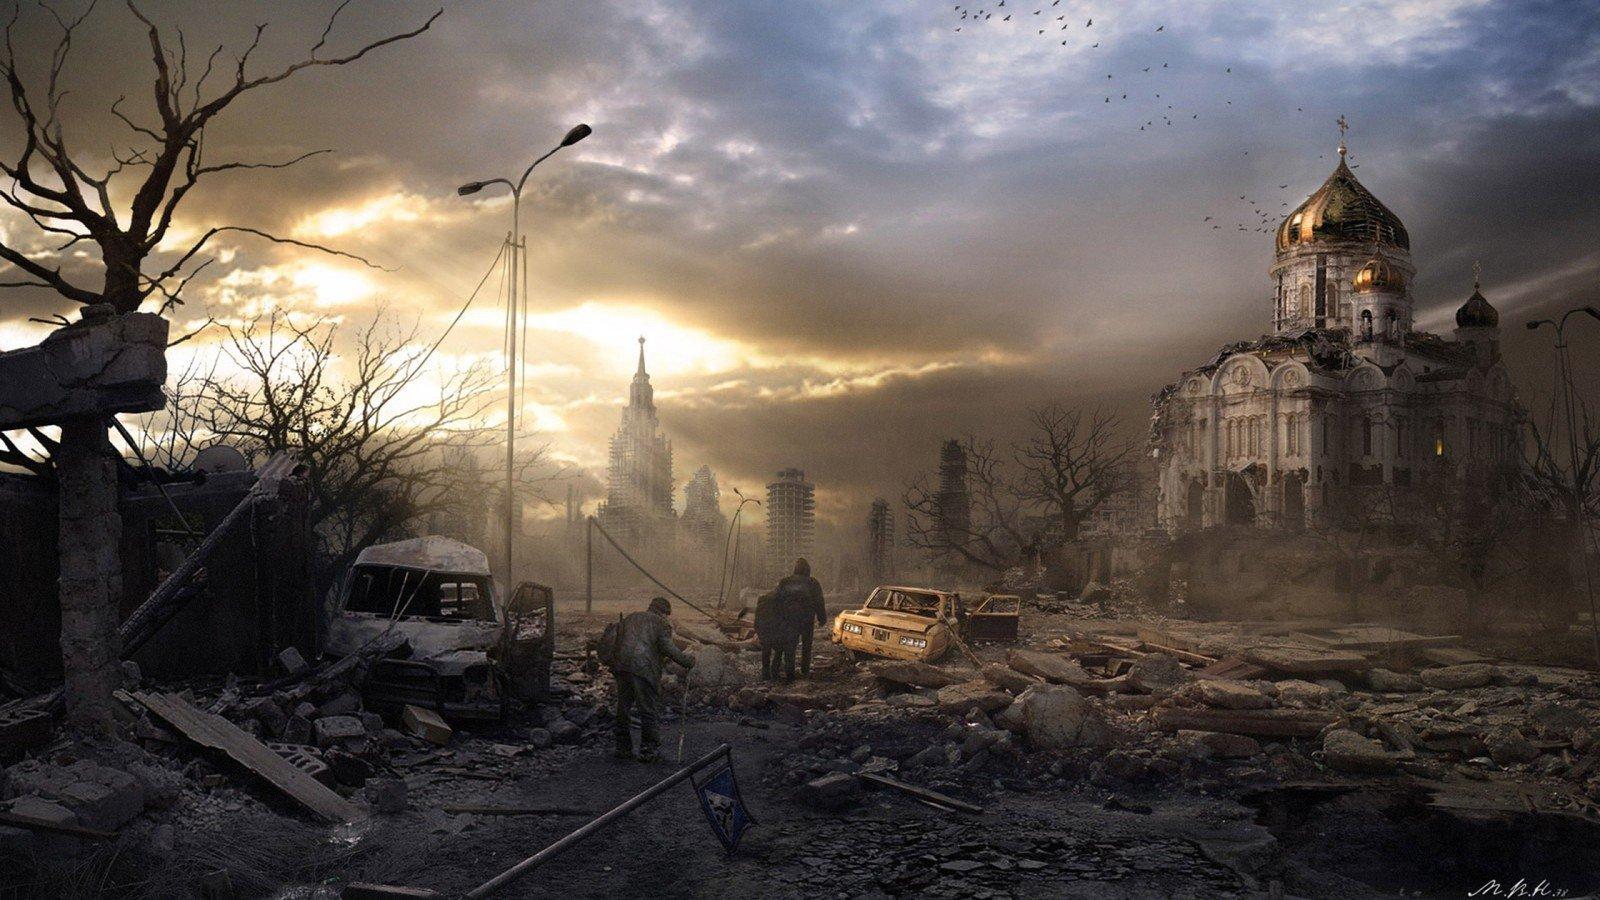 """Почитать №4: """"Умница"""". Пособие по выживанию когда американцы захватили Россию и страна в руинах - Изображение 2"""